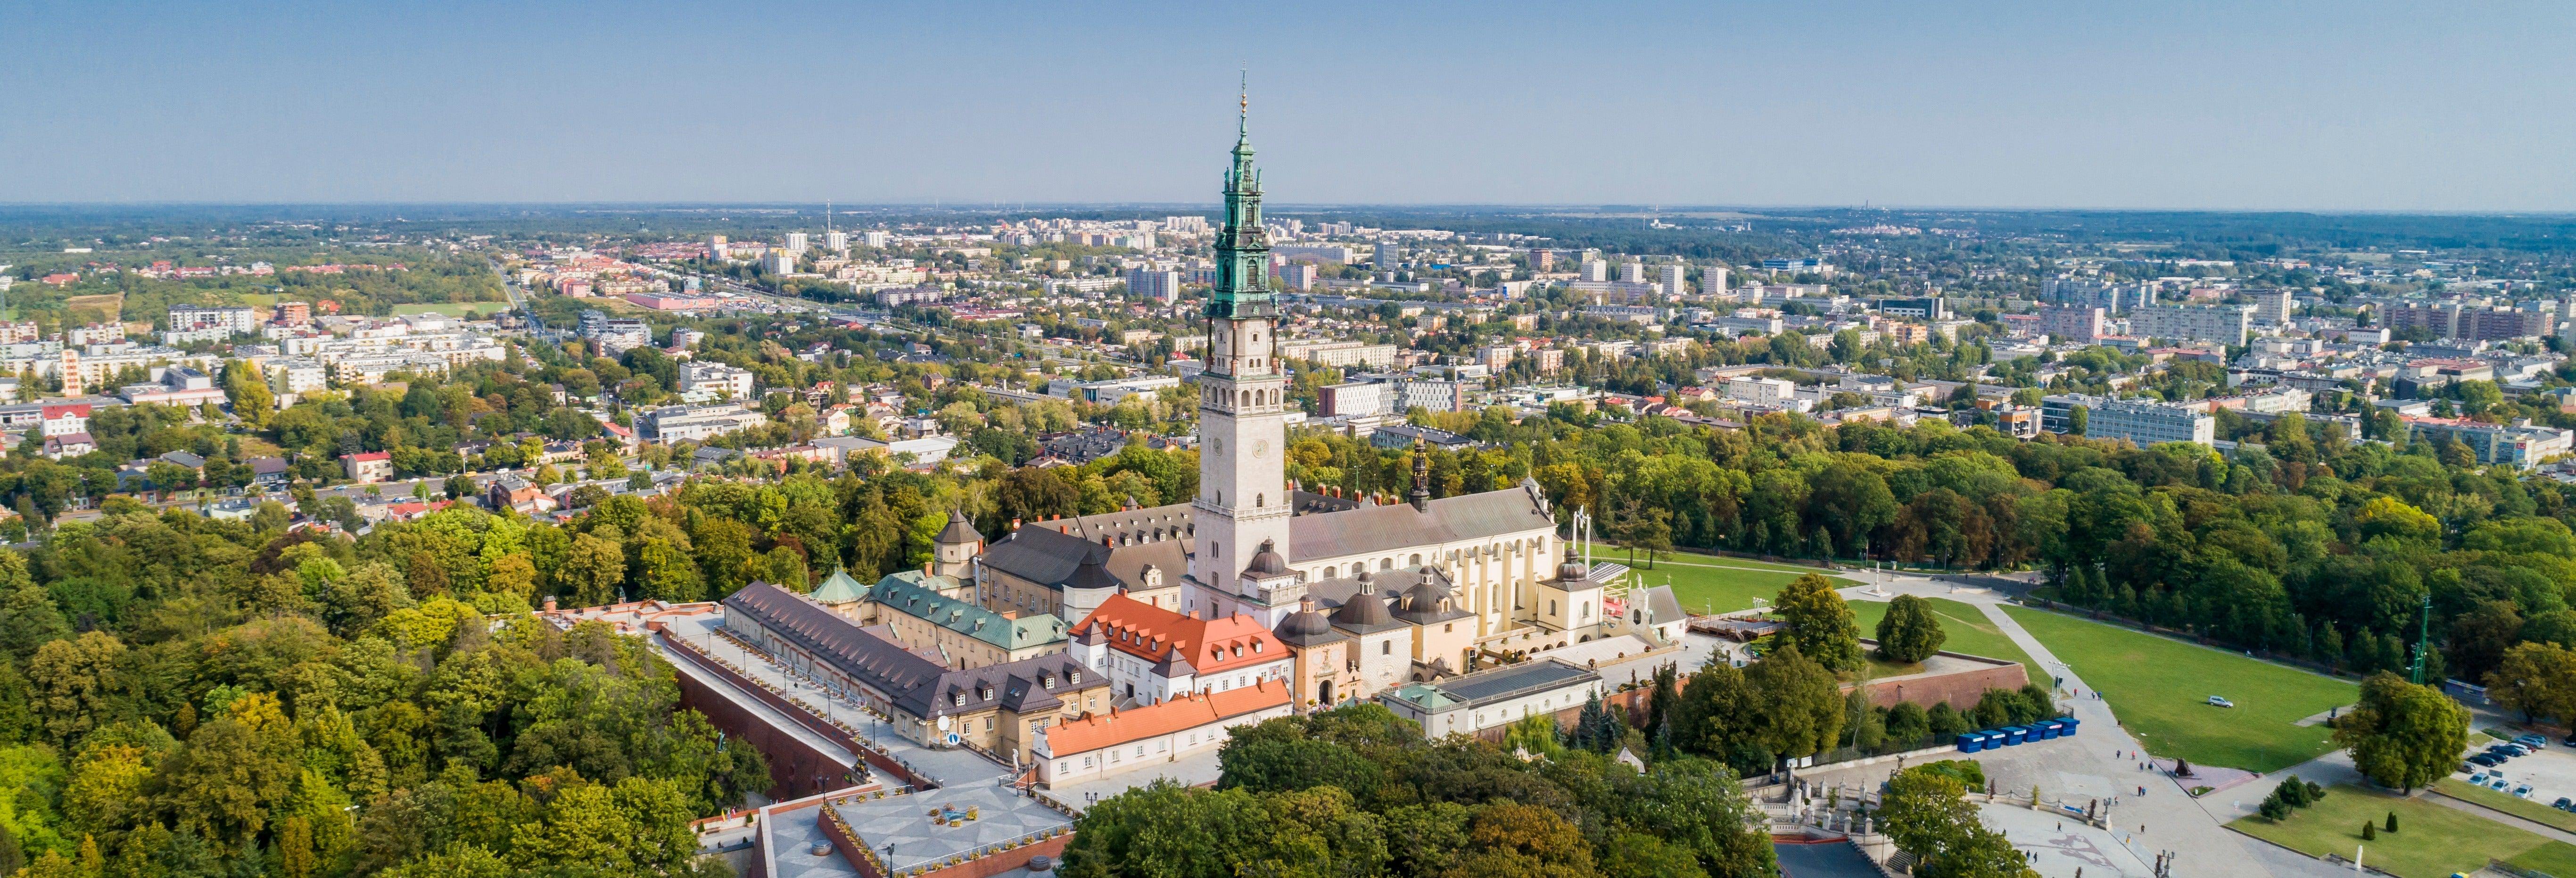 Visite de Częstochowa et de la Vierge noire